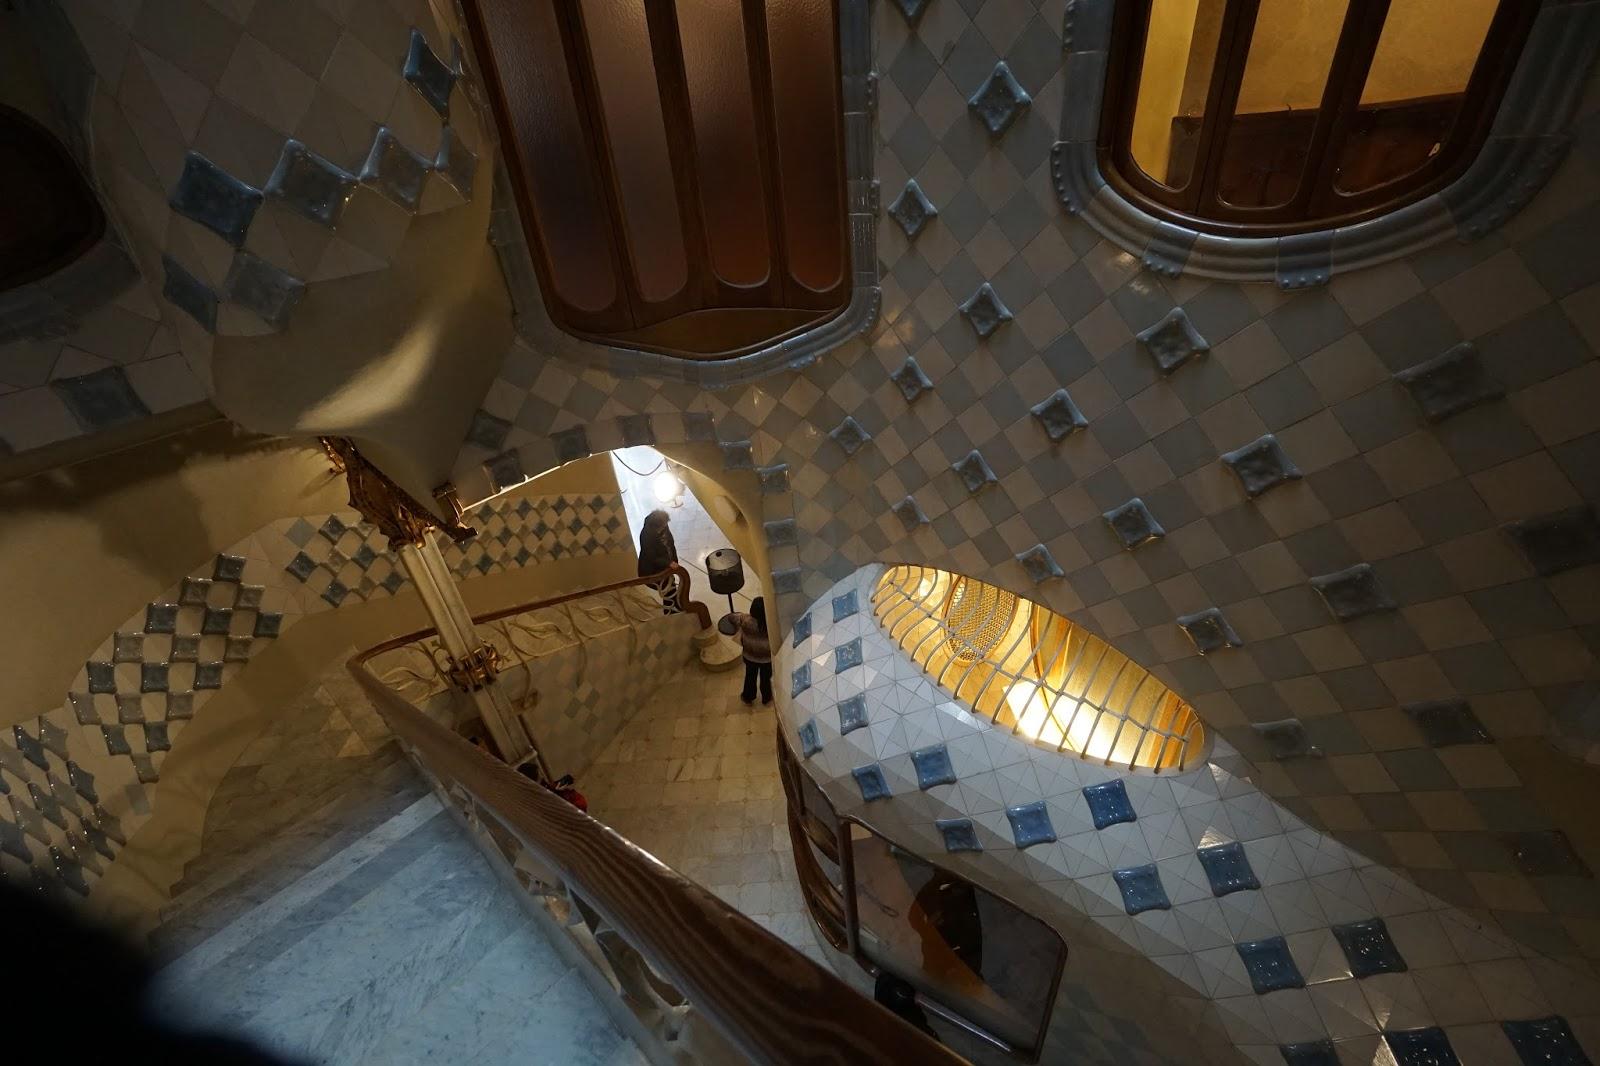 カサ・バトリョ(Casa Batlló) 階段から入口を眺める